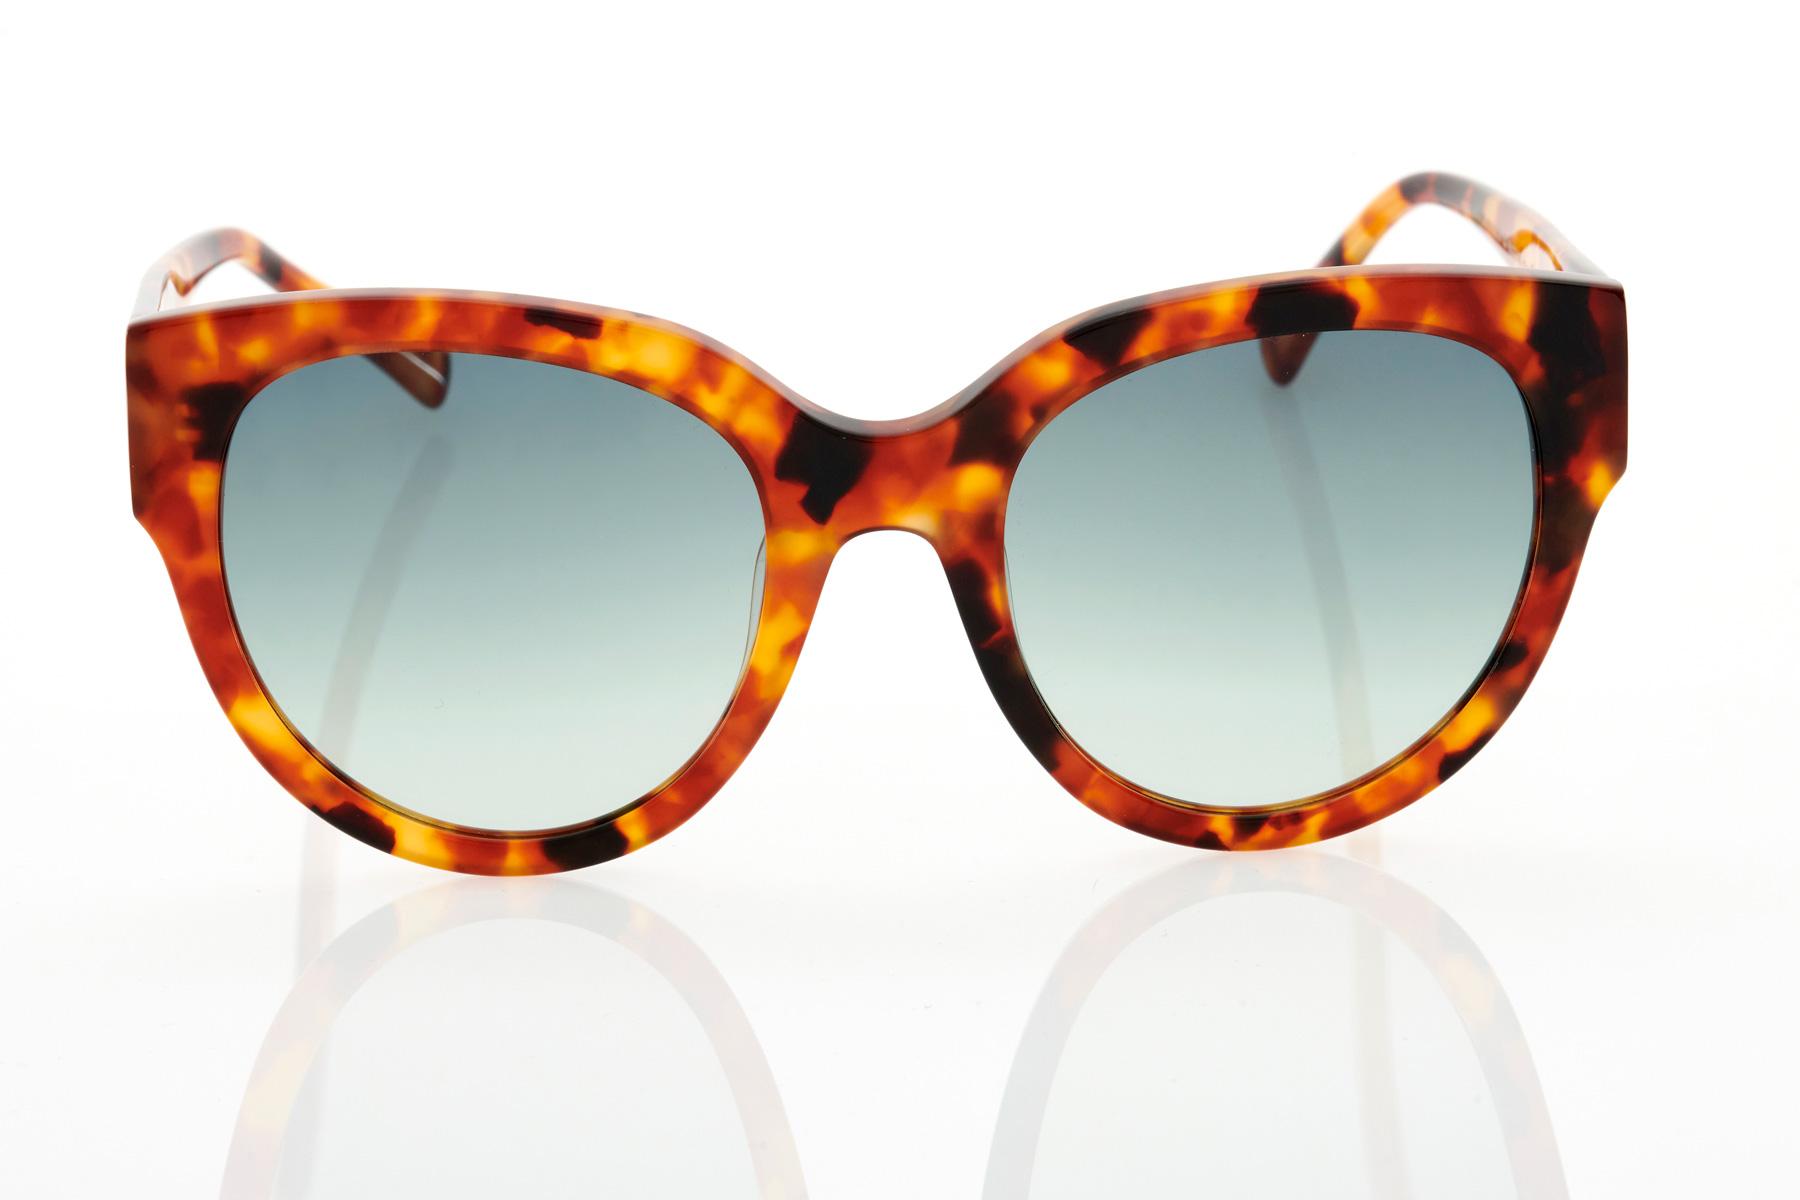 Ταρταρούγα Γυναικεία Γυαλιά Ηλίου Hawkers Loira Tortoise